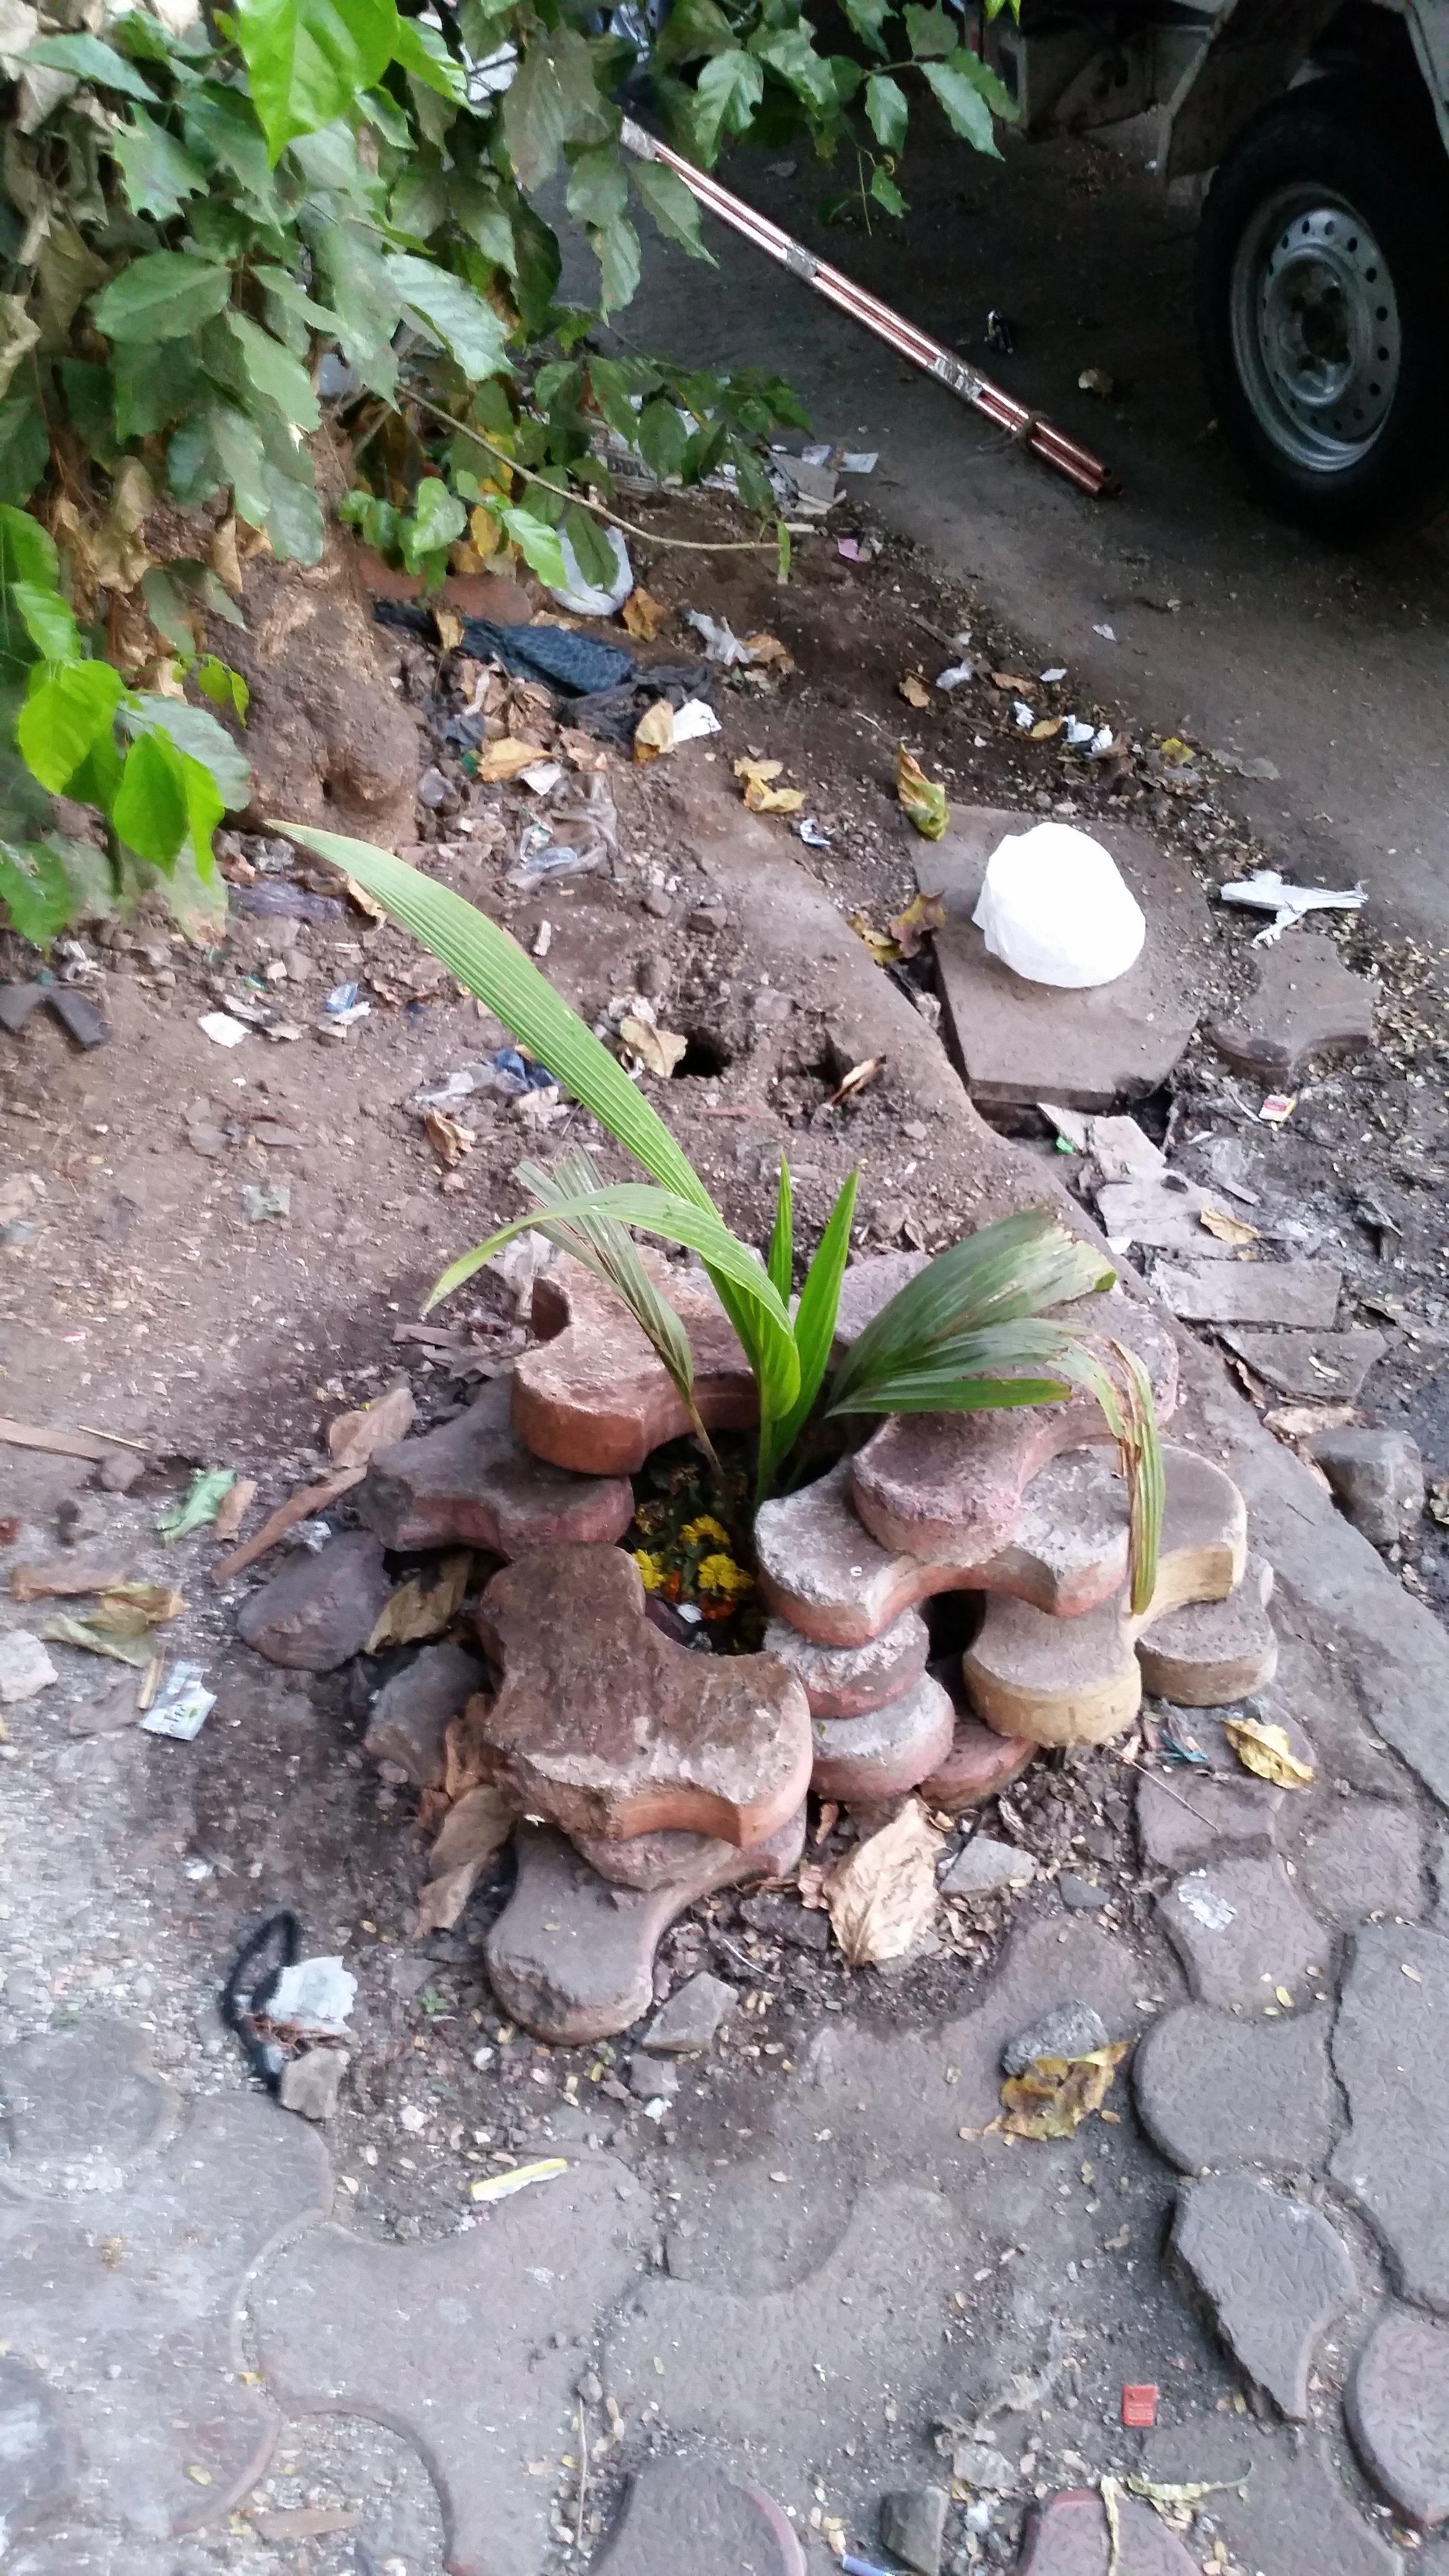 Et symbolsk bilde på en blomst som kjemper for sin rett på asfalten.